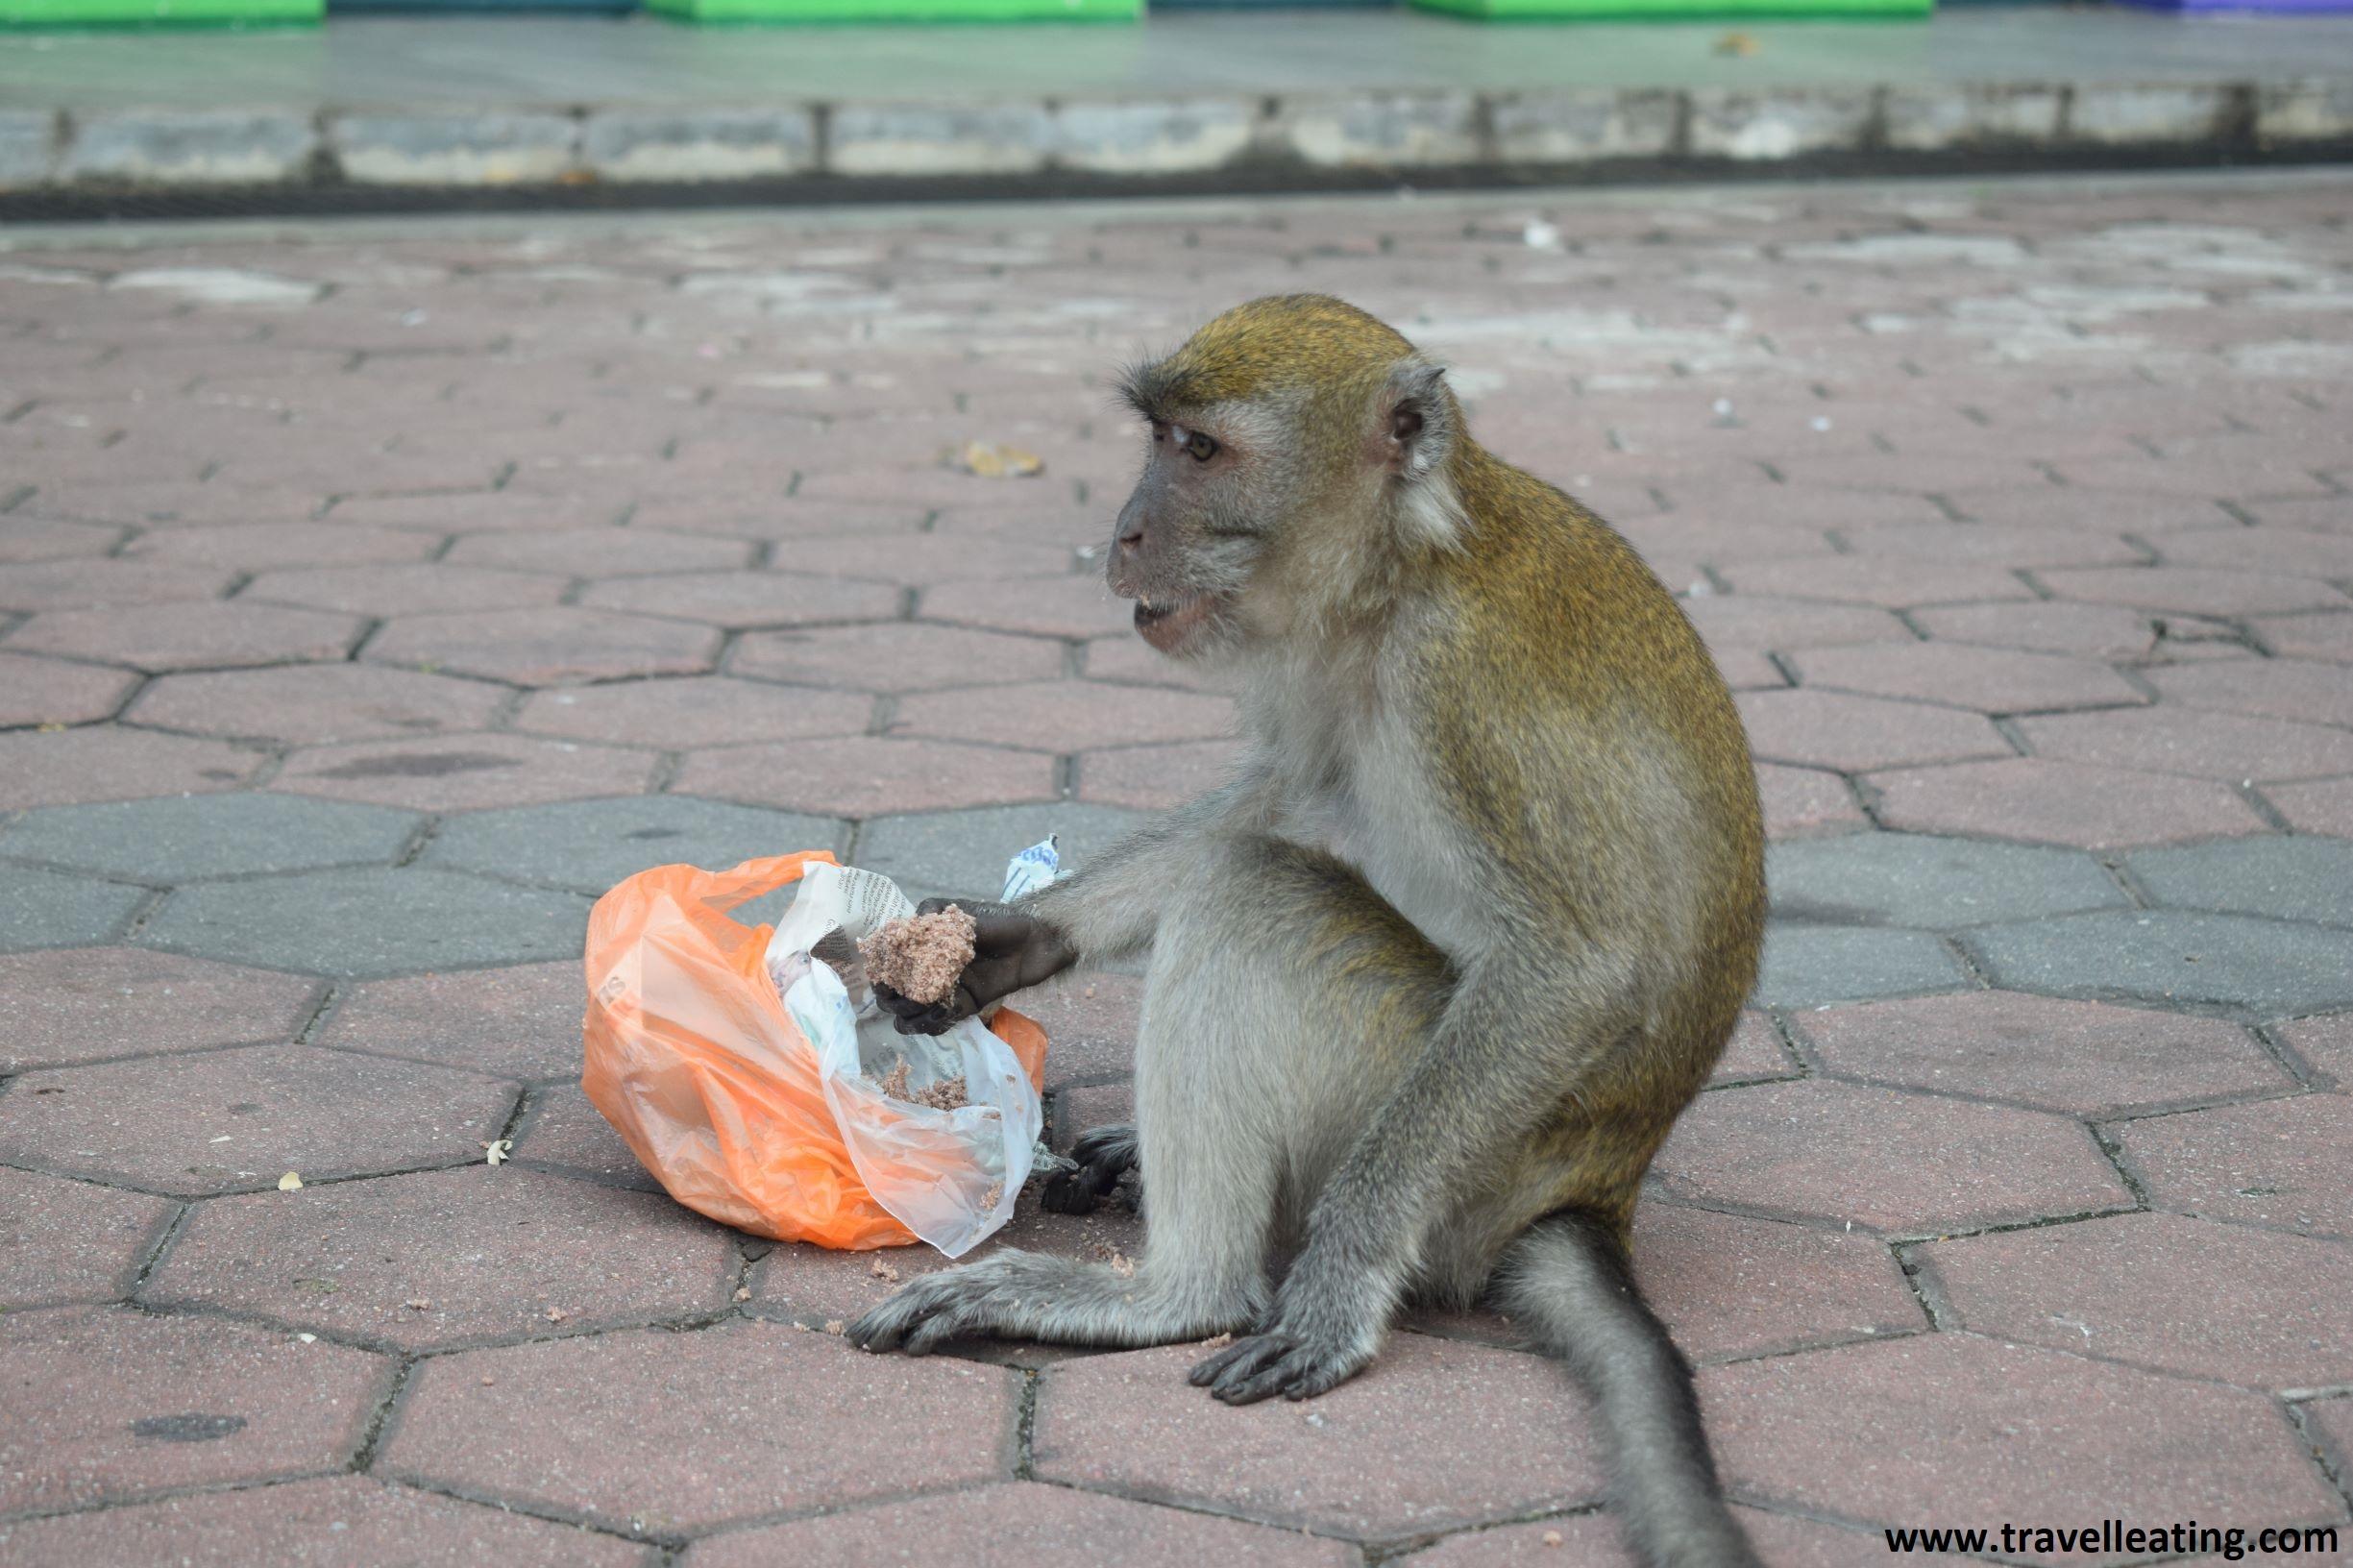 Alimentar a los animales con comida no adecuada para ellos todavía les es más perjudicial. Como este mono comiendo dulces en las Batu Caves.